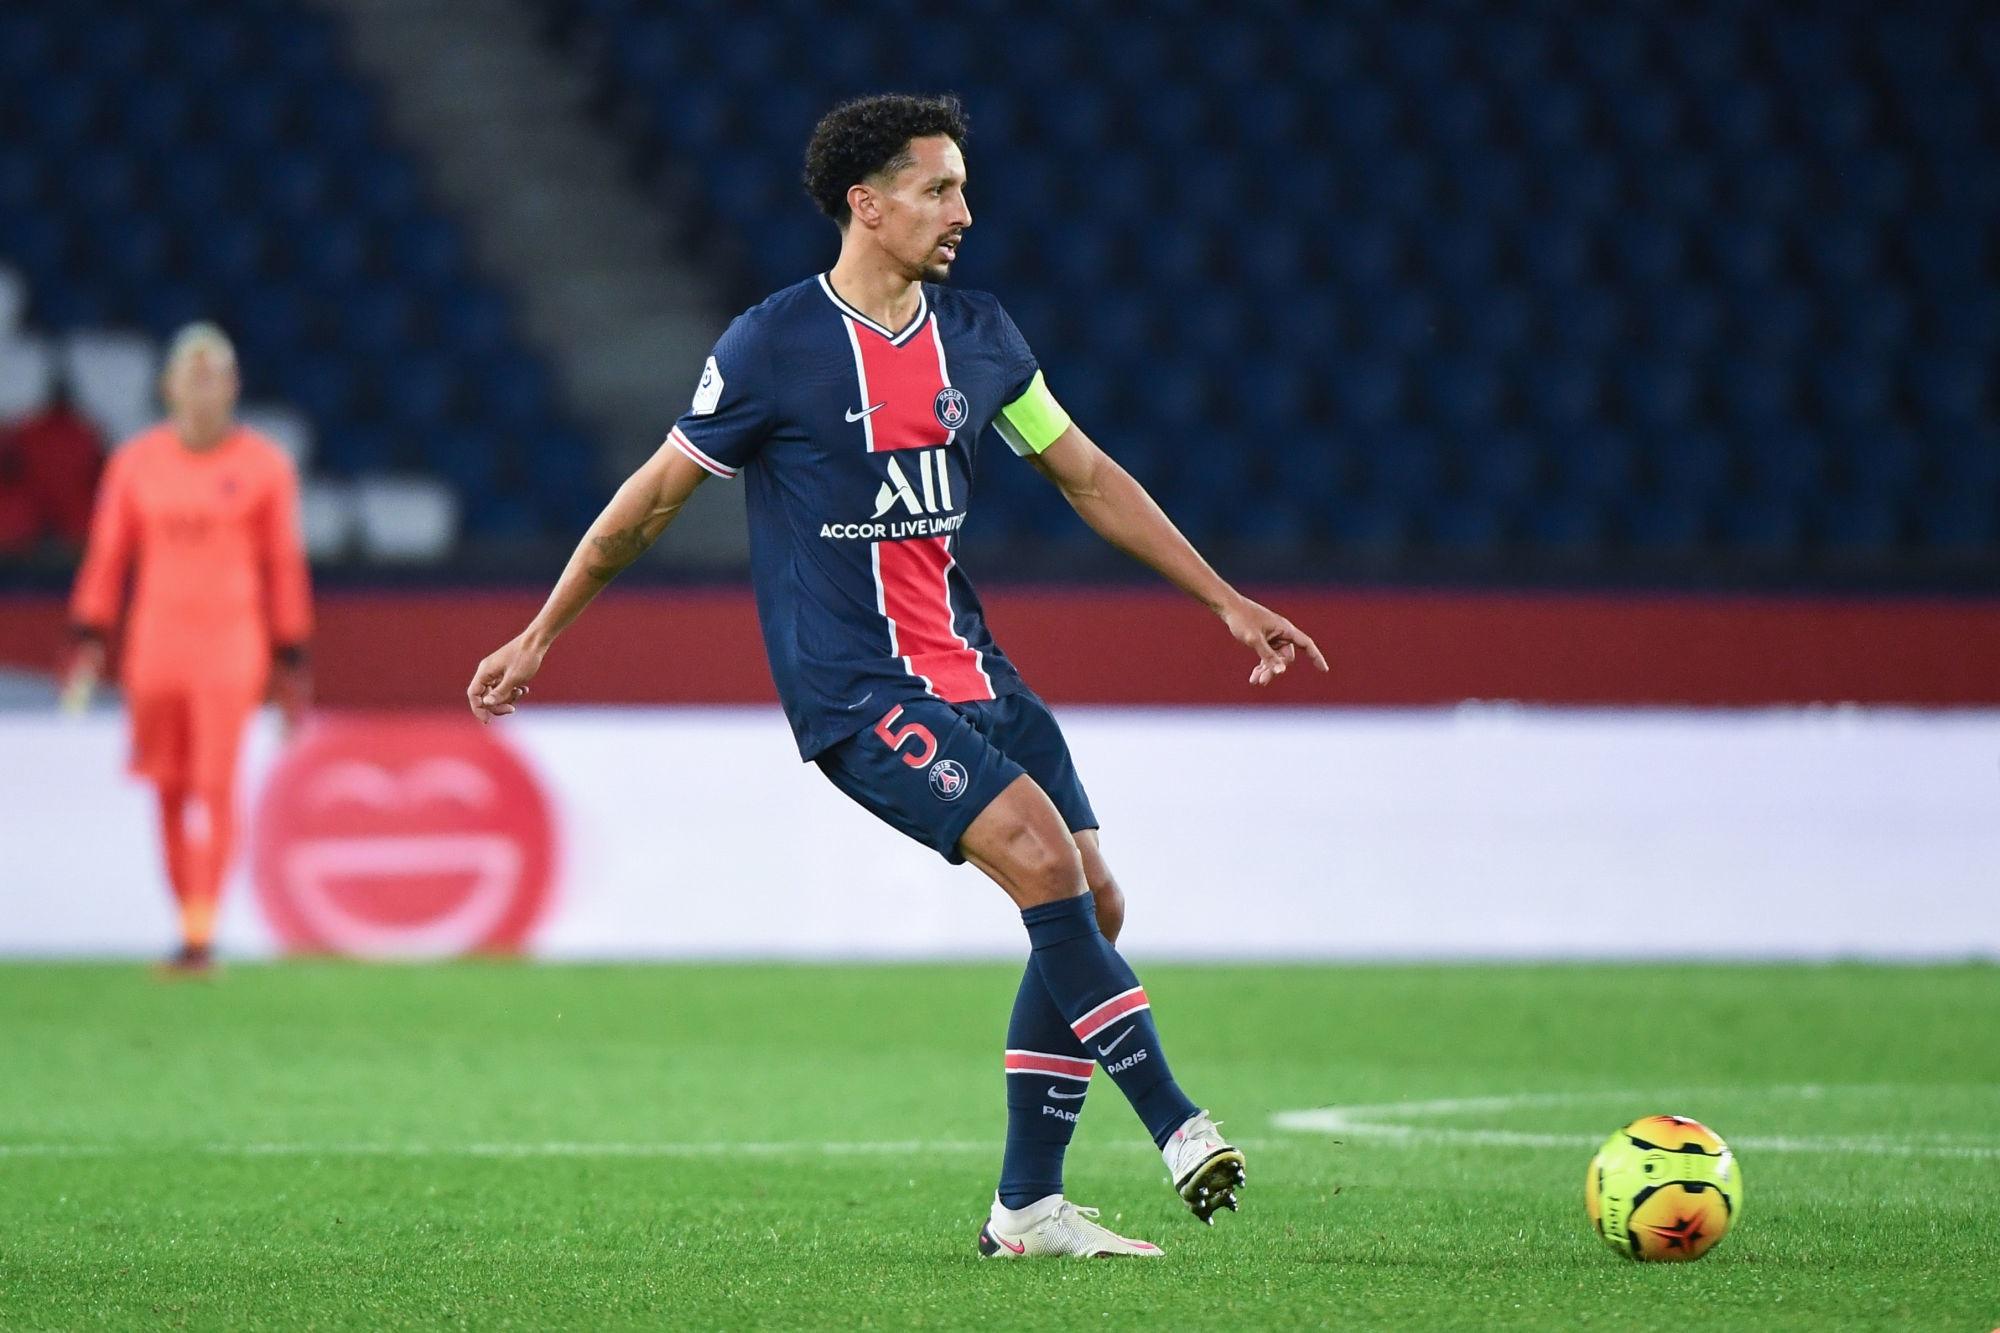 PSG/Leipzig - Marquinhos évoque Neymar, son rôle, la préparation et l'ambition parisienne